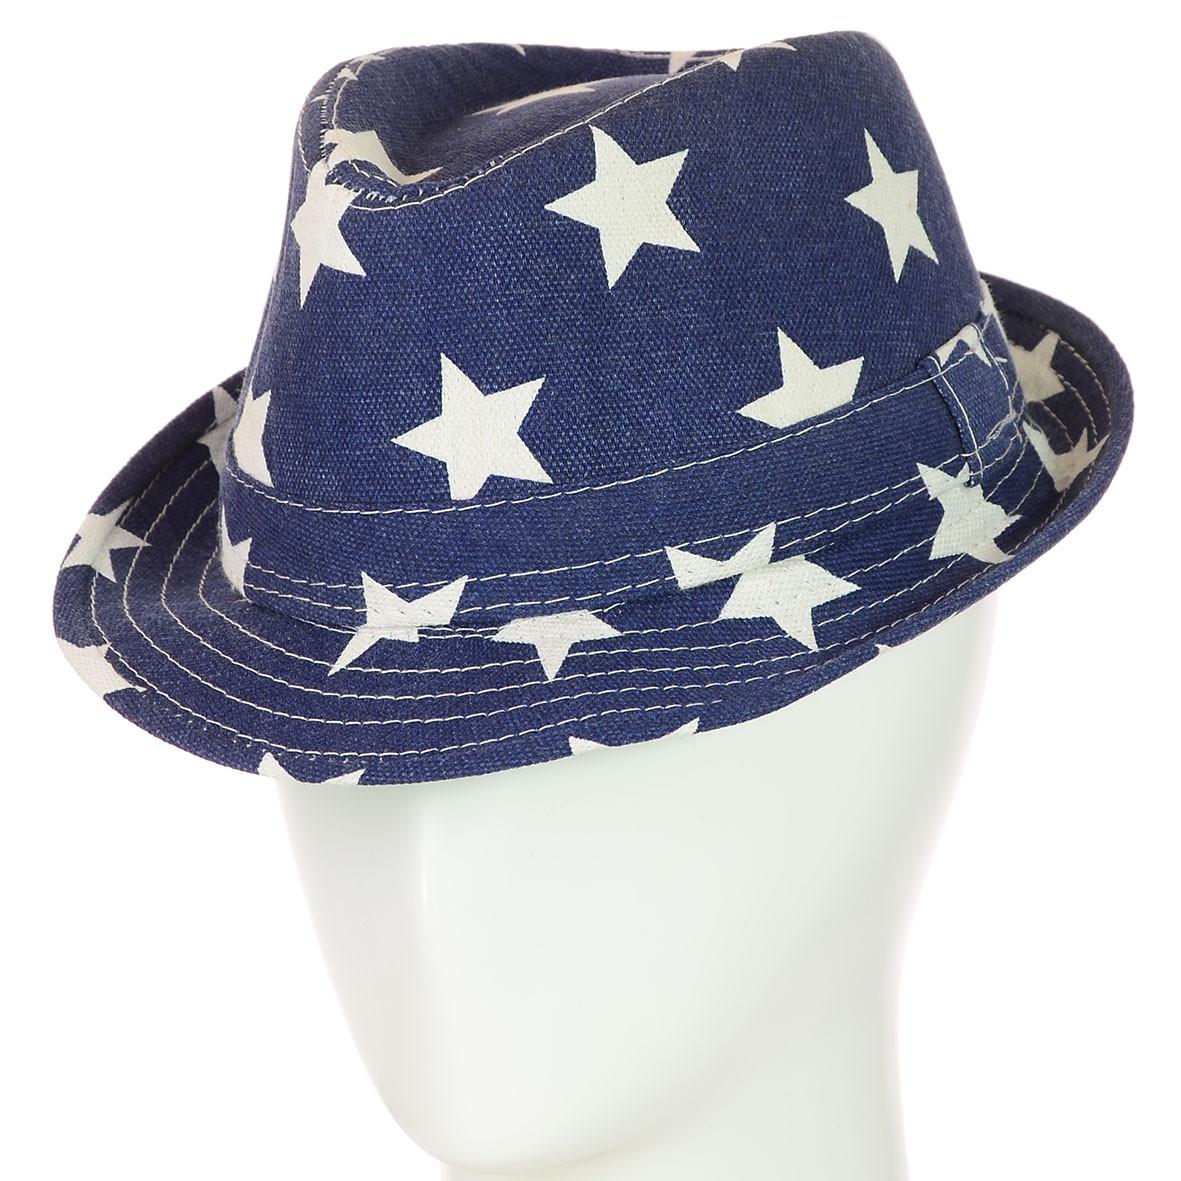 Детская шляпа синяя в звёздах